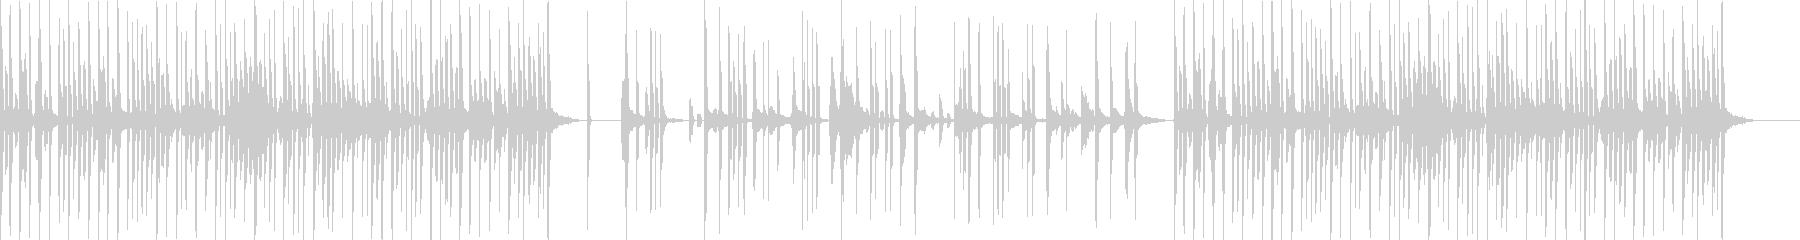 アニメの戦闘シーンBGMですの未再生の波形